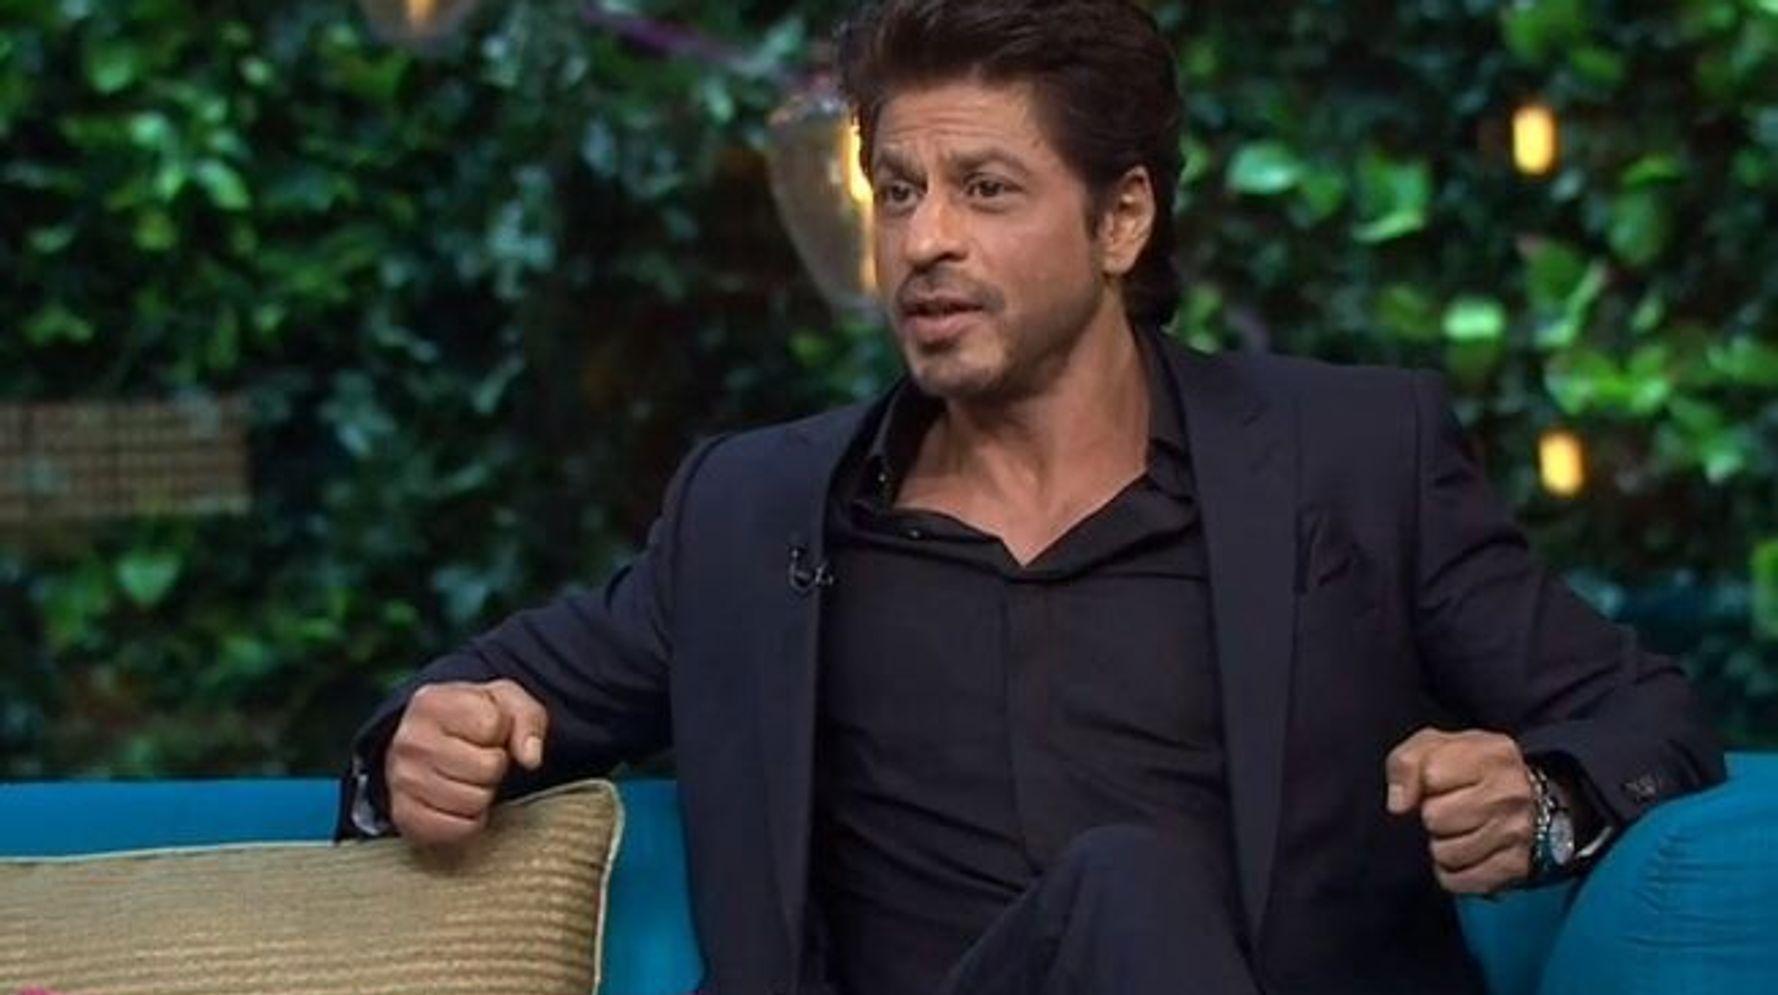 जब करण जौहर ने शाहरुख खान से राखी सावंत के किस वाले आरोप के बारे में पूछा, तो किंग खान ने दिया मजेदार जवाब